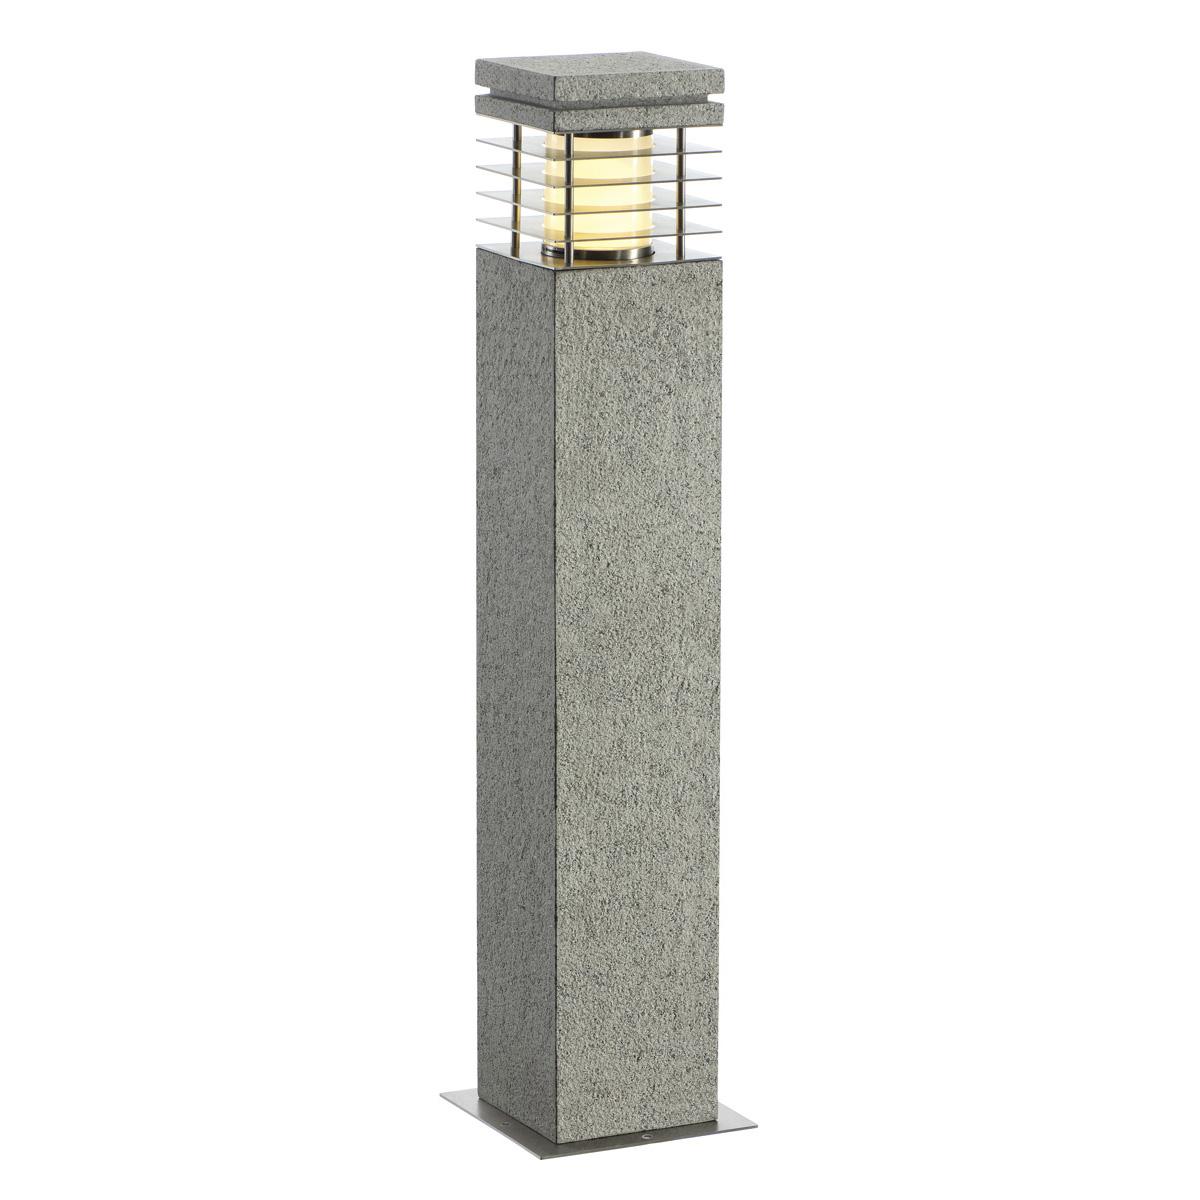 Pollerleuchte Arrock Granite 40 & 70 von SLV